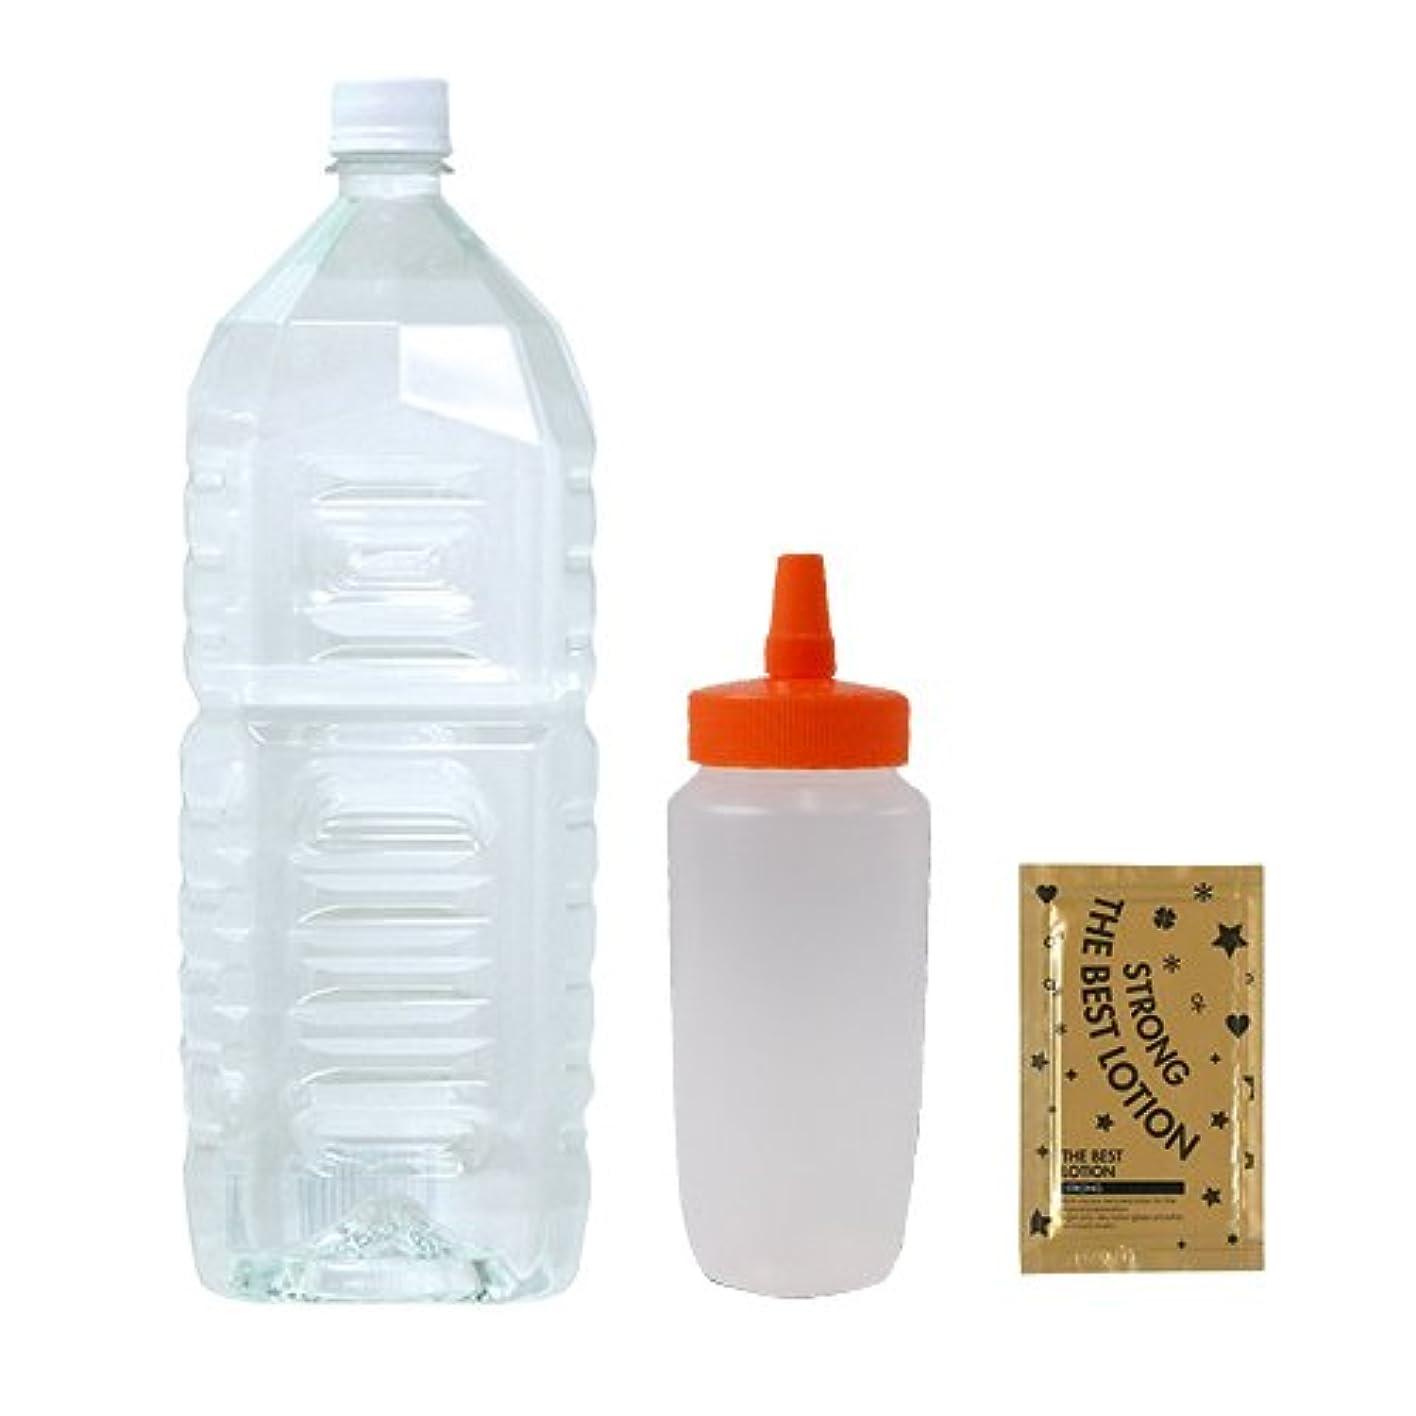 ボード断片ささやきクリアローション 2Lペットボトル ハードタイプ(5倍濃縮原液)+ はちみつ容器360ml(オレンジキャップ)+ ベストローションストロング 1包付き セット